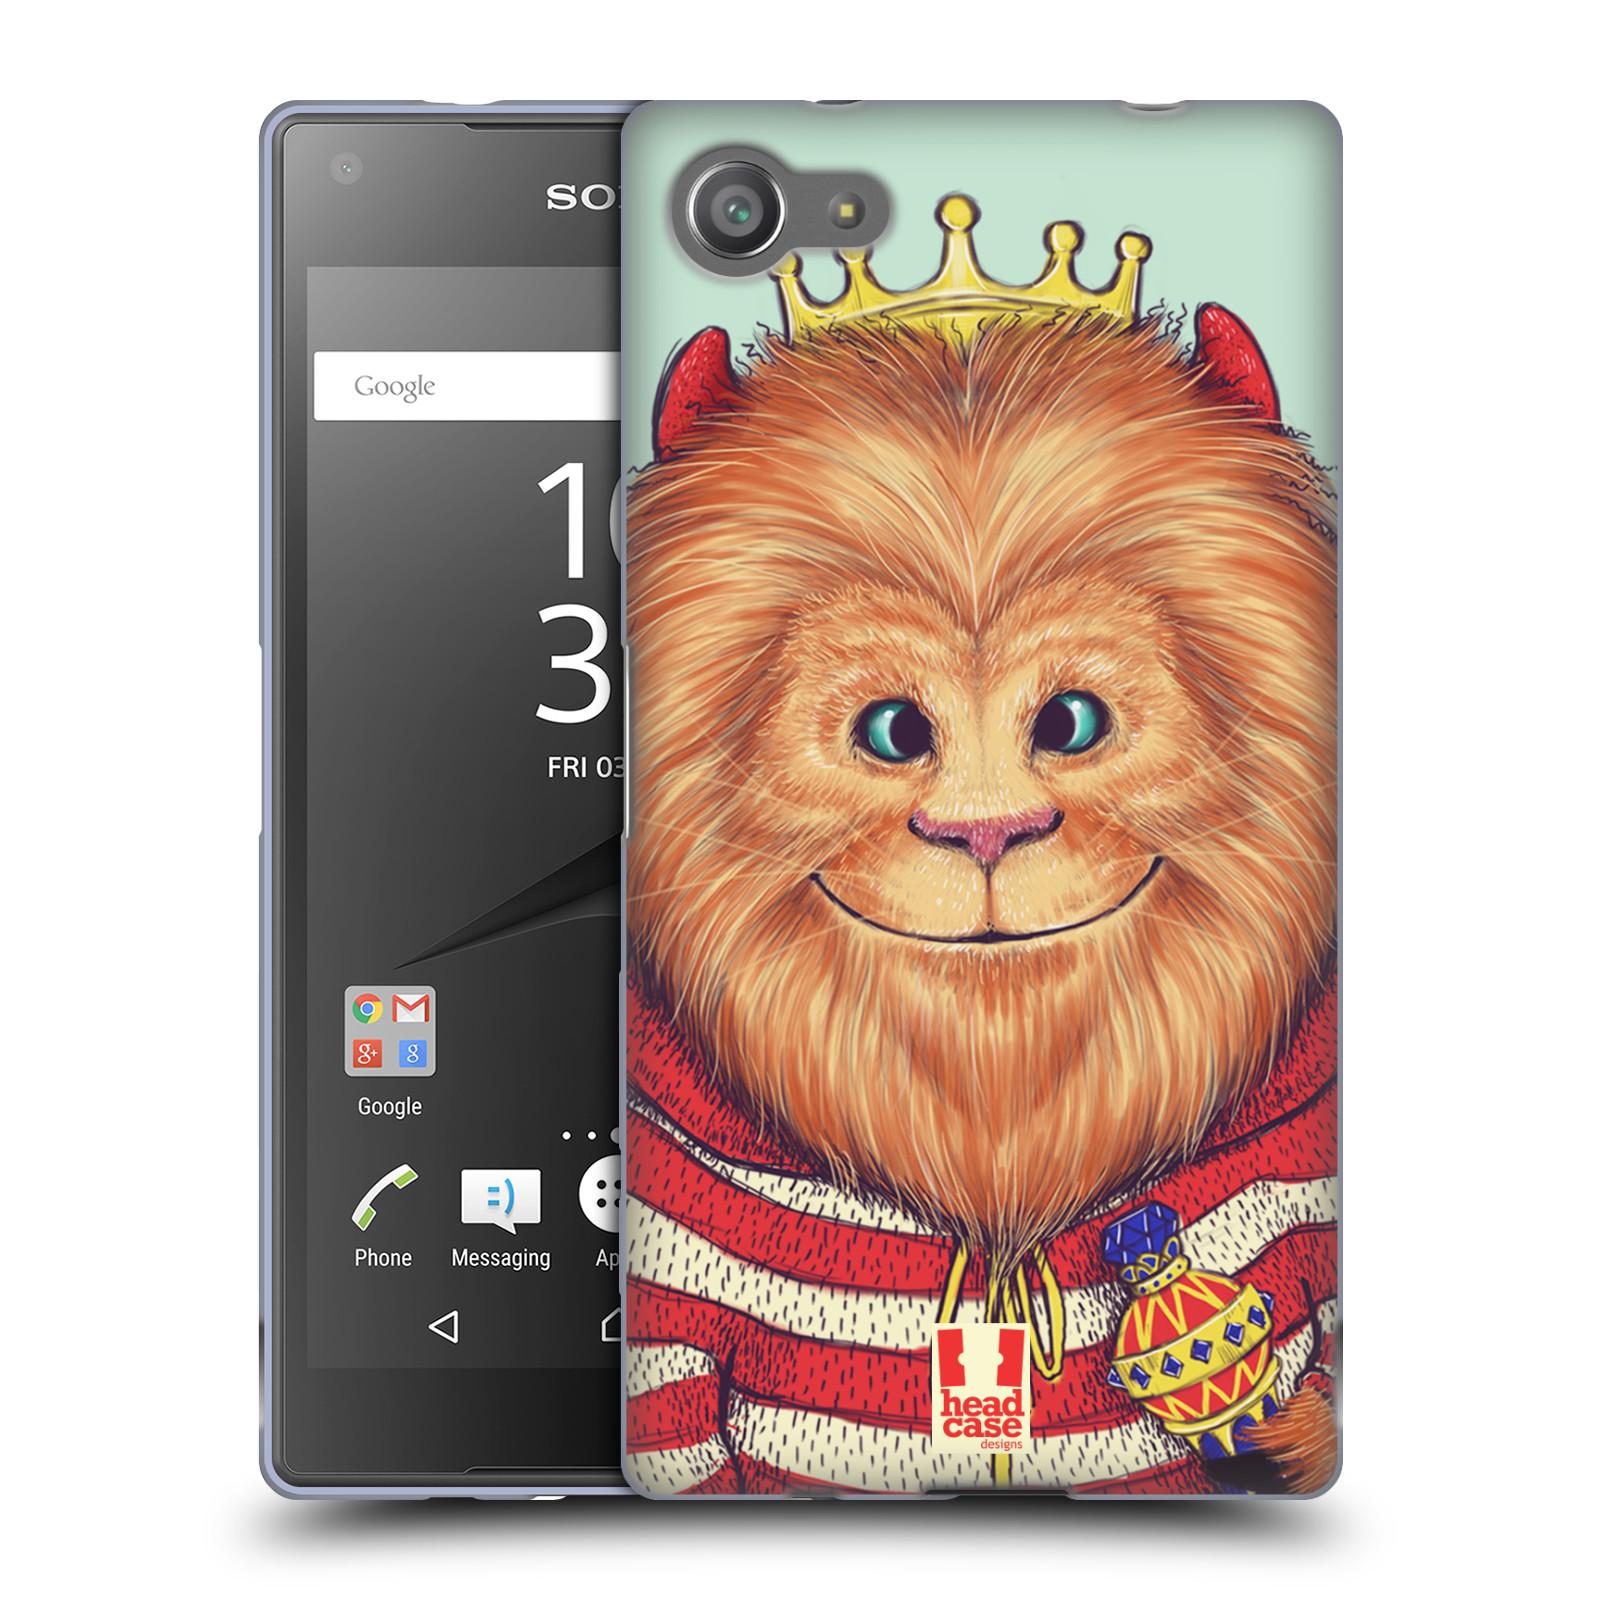 HEAD CASE silikonový obal na mobil Sony Xperia Z5 COMPACT vzor Kreslená zvířátka lev